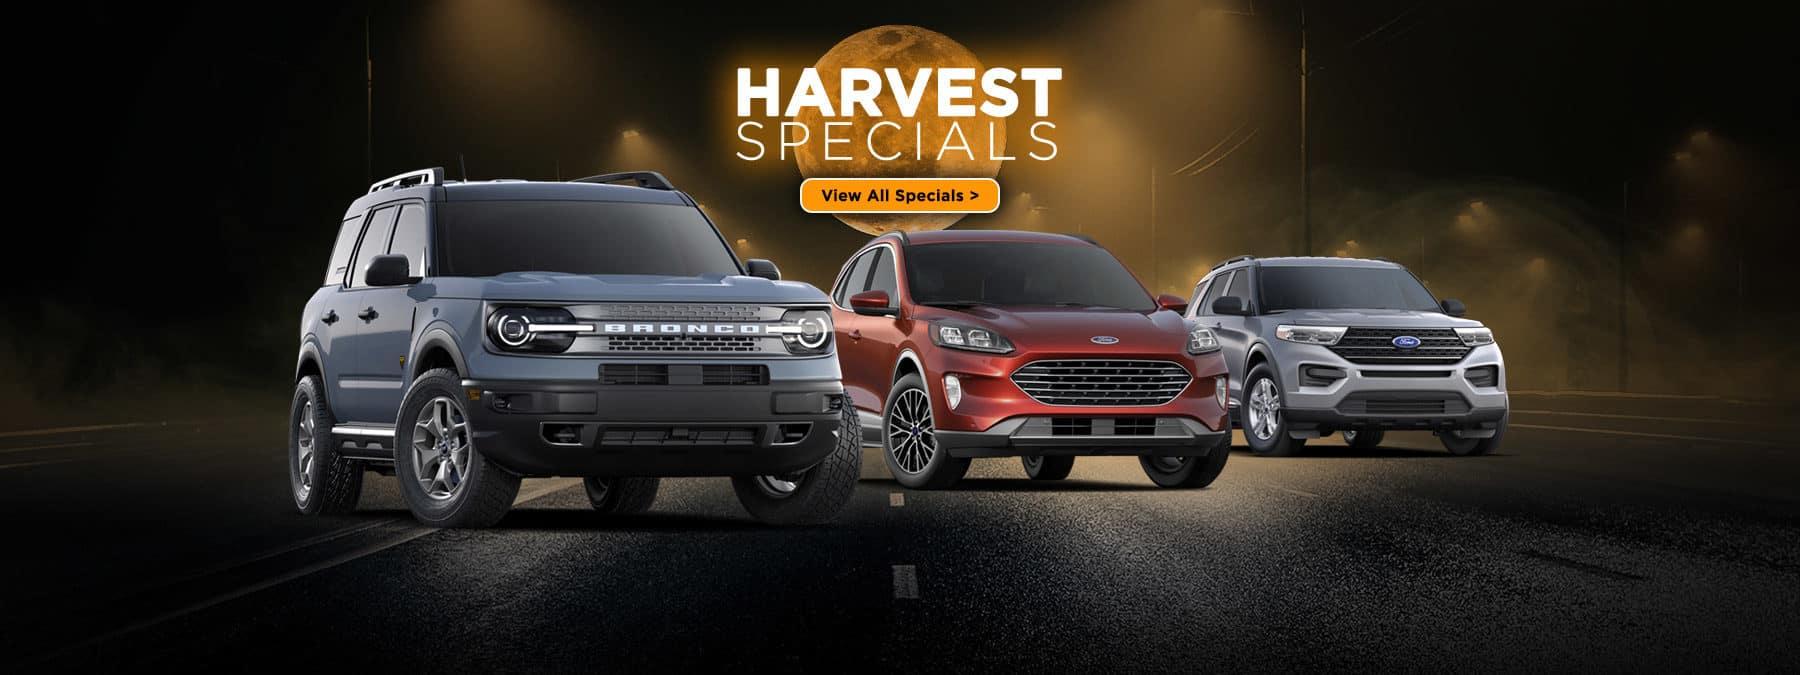 Oct21-Ford-1800×675-Banner-Desktop